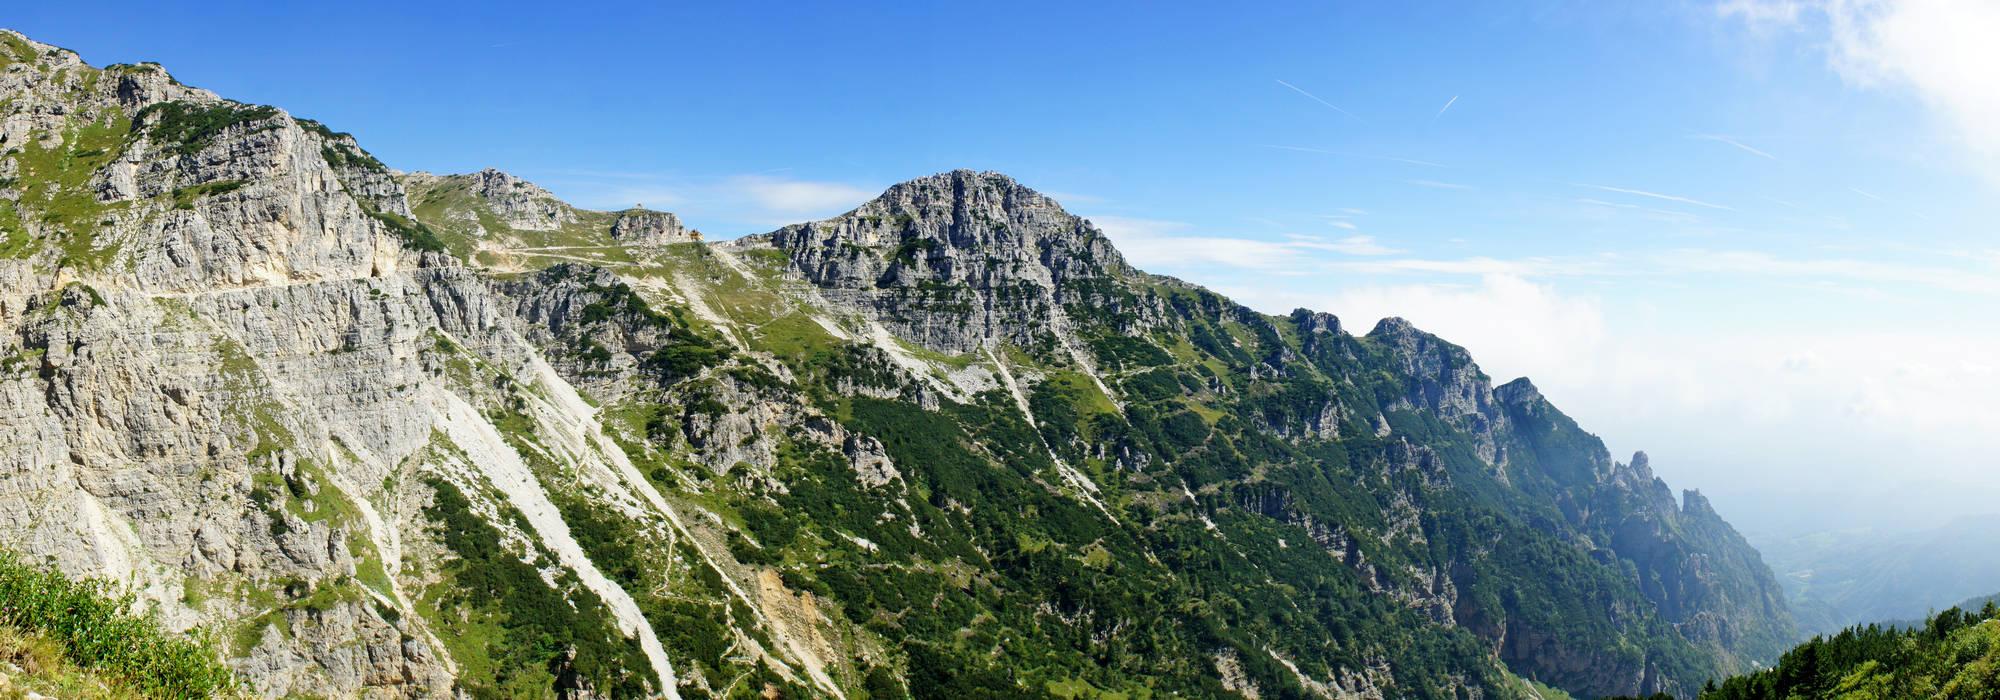 ... la strada degli Eroi verso il rifugio gen. A.Papa - foto panoramica: www.magicoveneto.it/Pasubio/Pasubio/P09-Monte-Pasubio-Strada-degli...